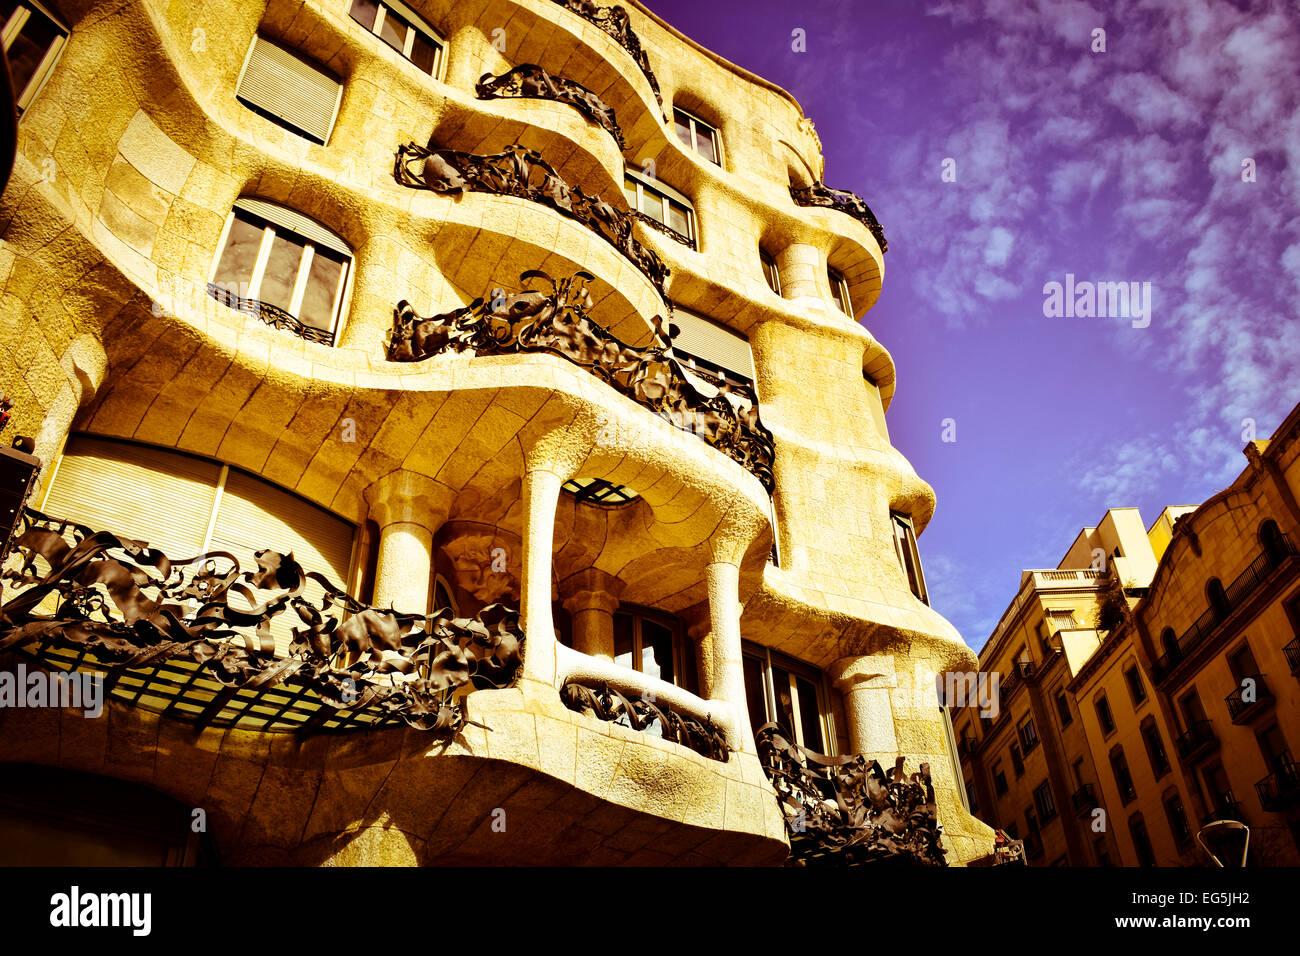 Mila Haus auch bekannt als La Pedrera, entworfen vom Architekten Antoni Gaudi. Barcelona, Katalonien, Spanien. Stockbild